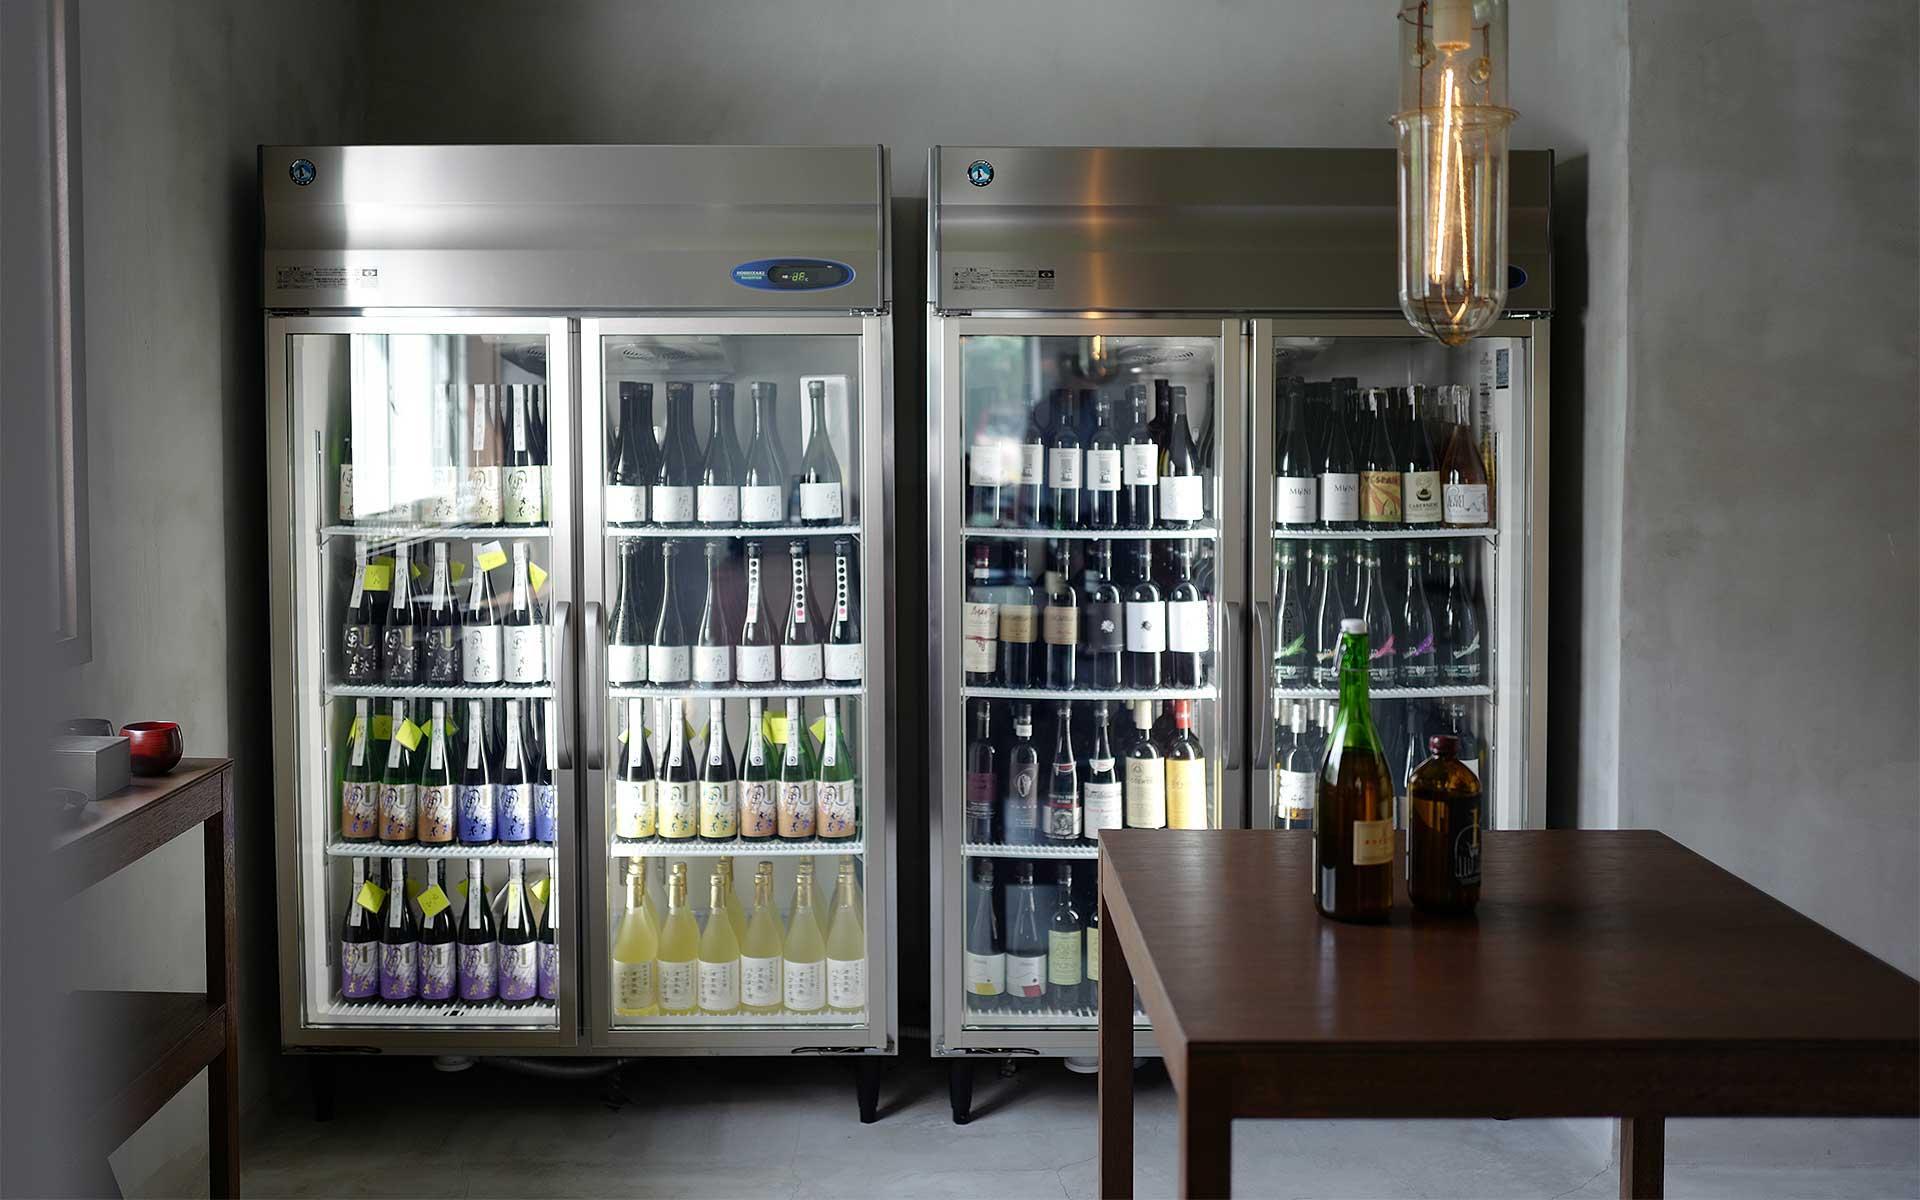 珍しい自然派ワインやクラフトジンと充実の冷蔵庫